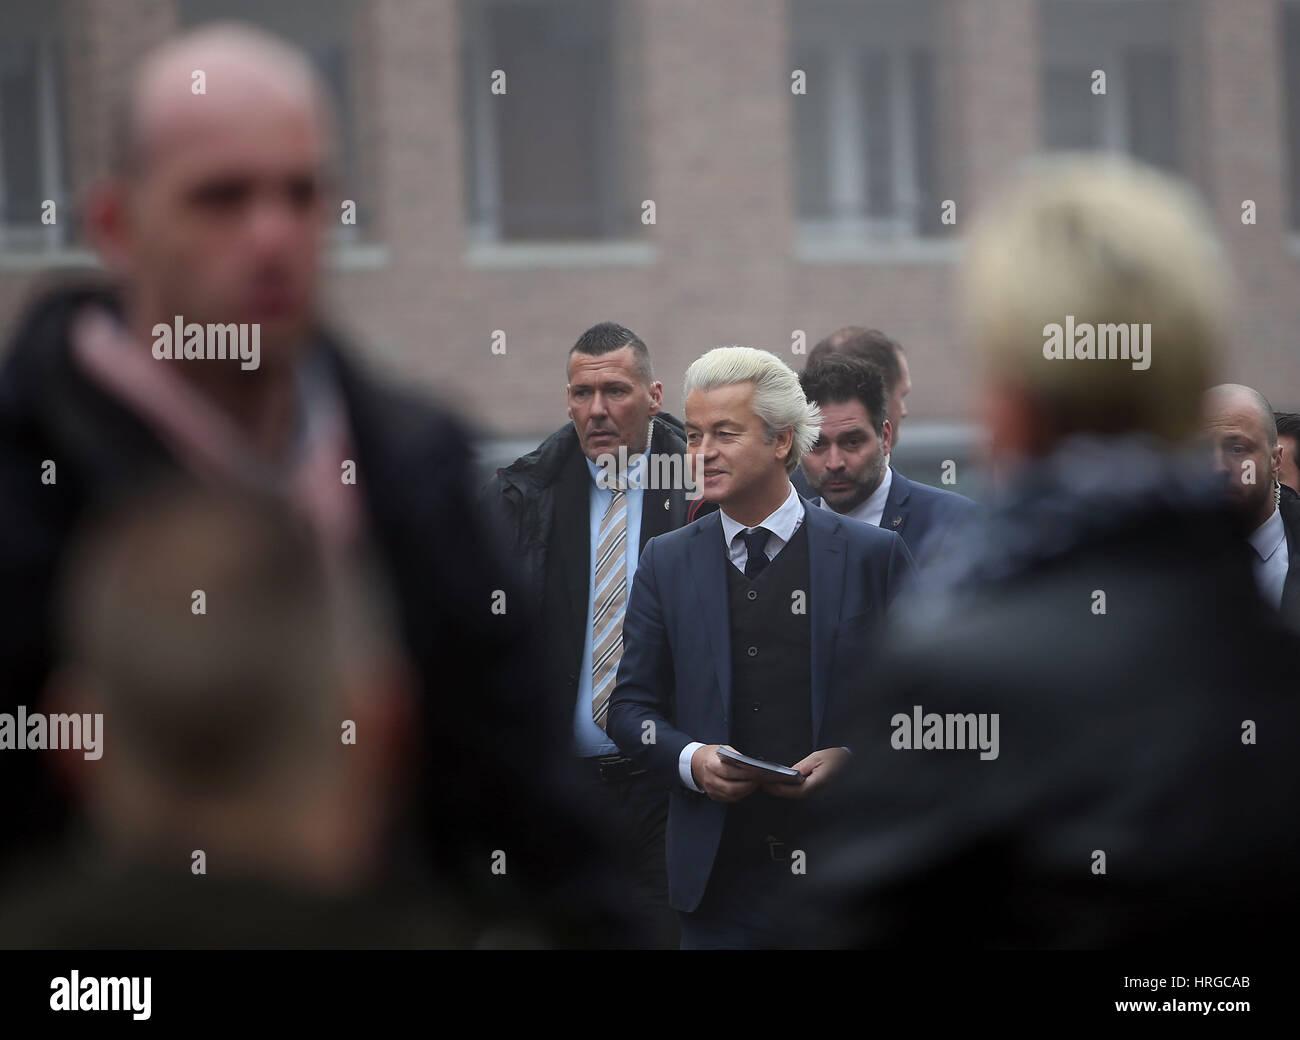 South Holland, Paesi Bassi. 18 Febbraio, 2017. La Dutch rightwing populista e leader del Partij voor de Vrijheid Immagini Stock